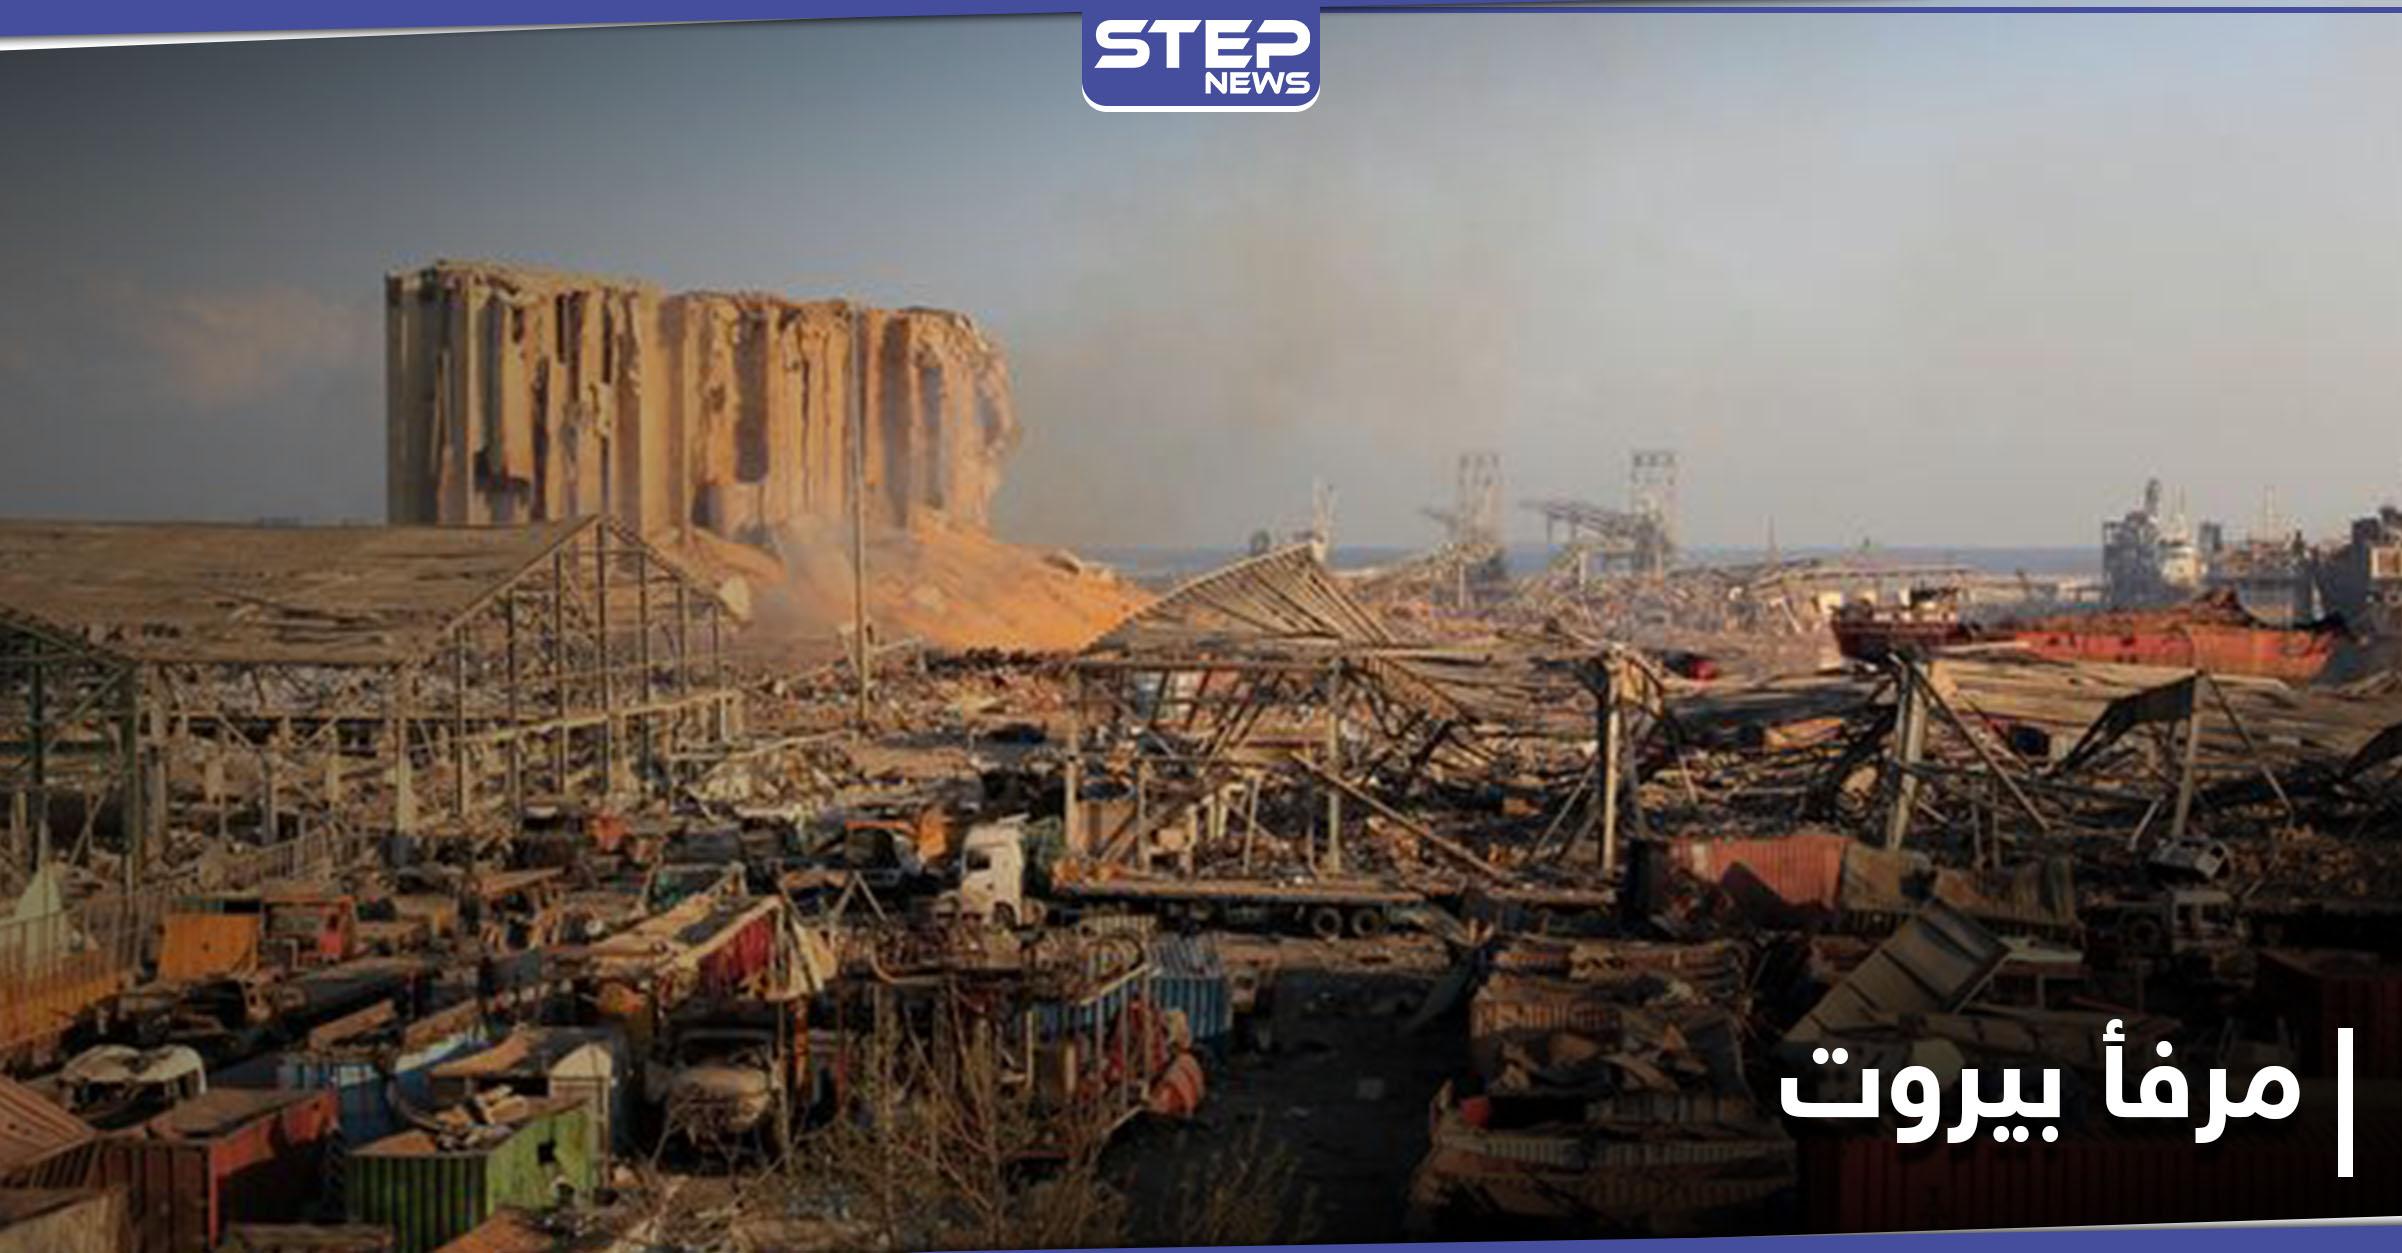 """حسان دياب"""" ألغى زيارة لمرفأ بيروت قبل الانفجار"""